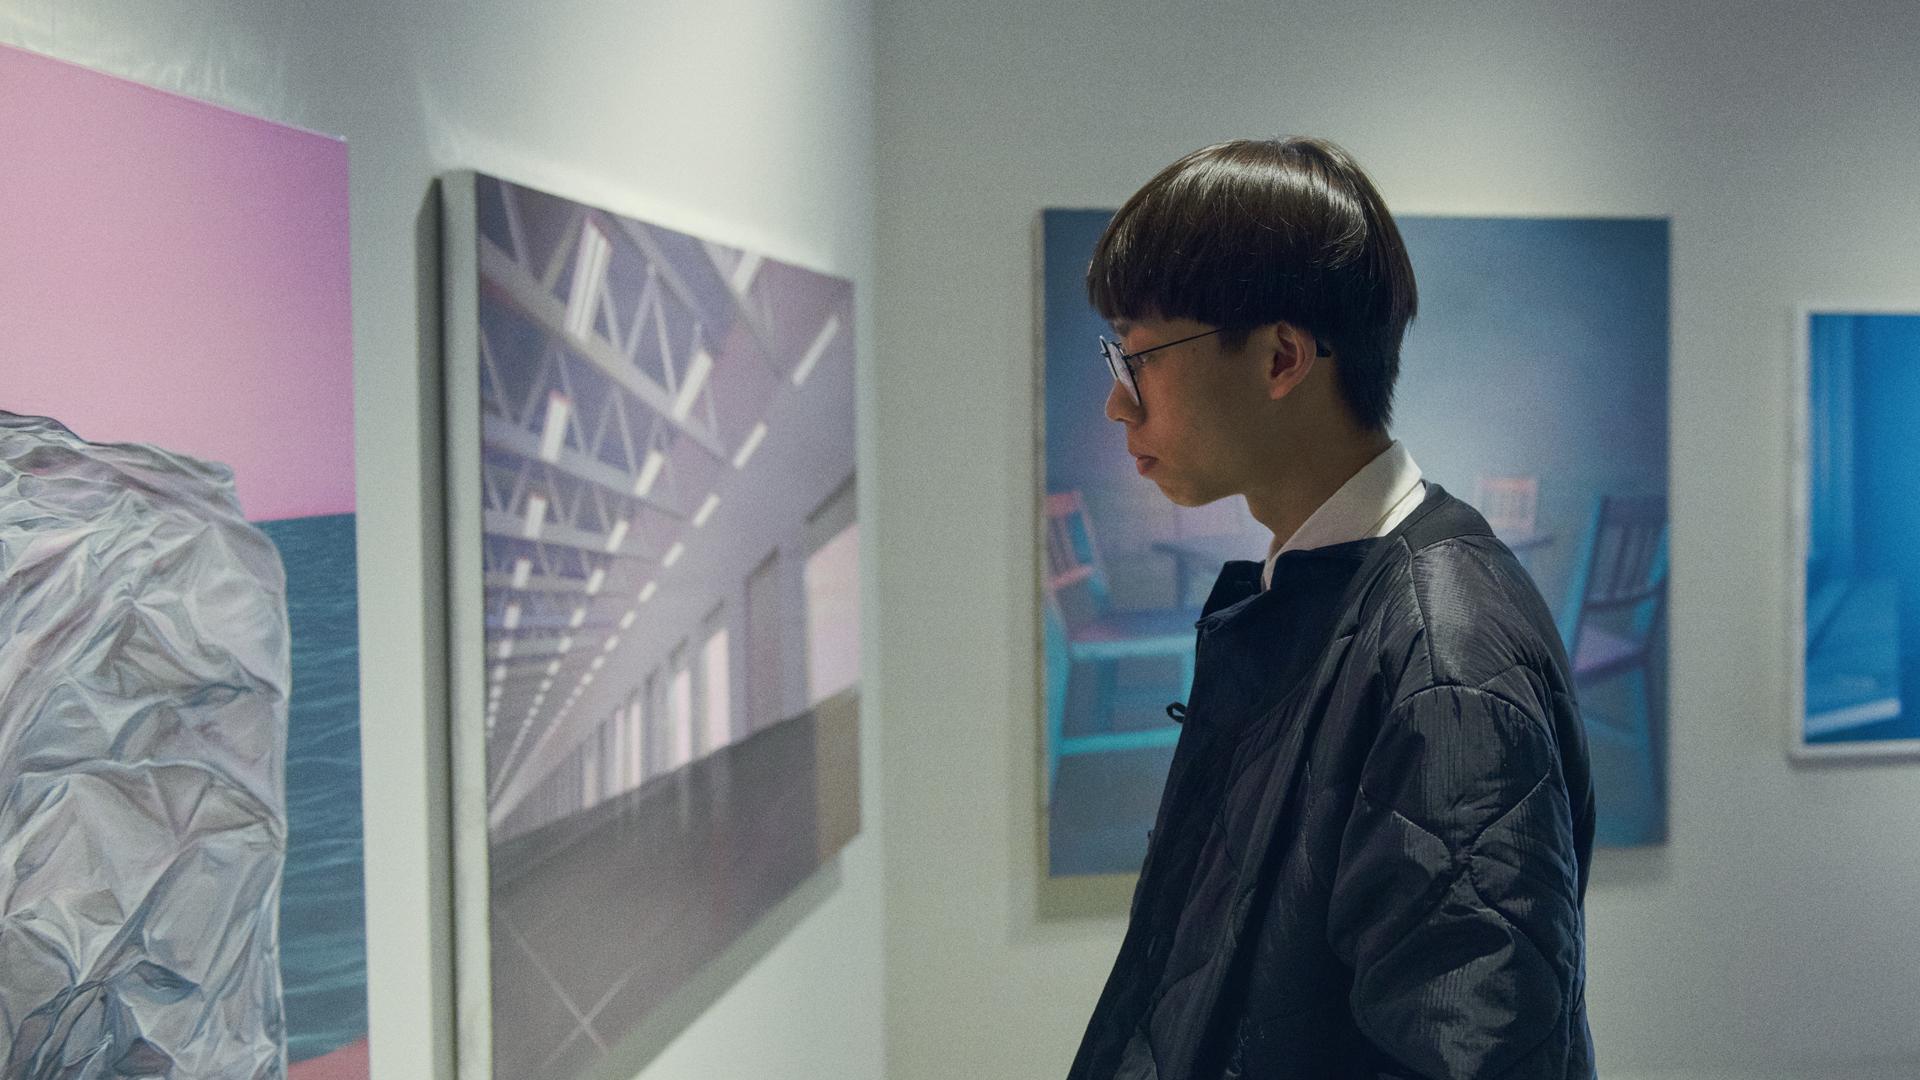 Ihminen katsoo maalausta galleriassa. Kuva: Veikko Kähkönen